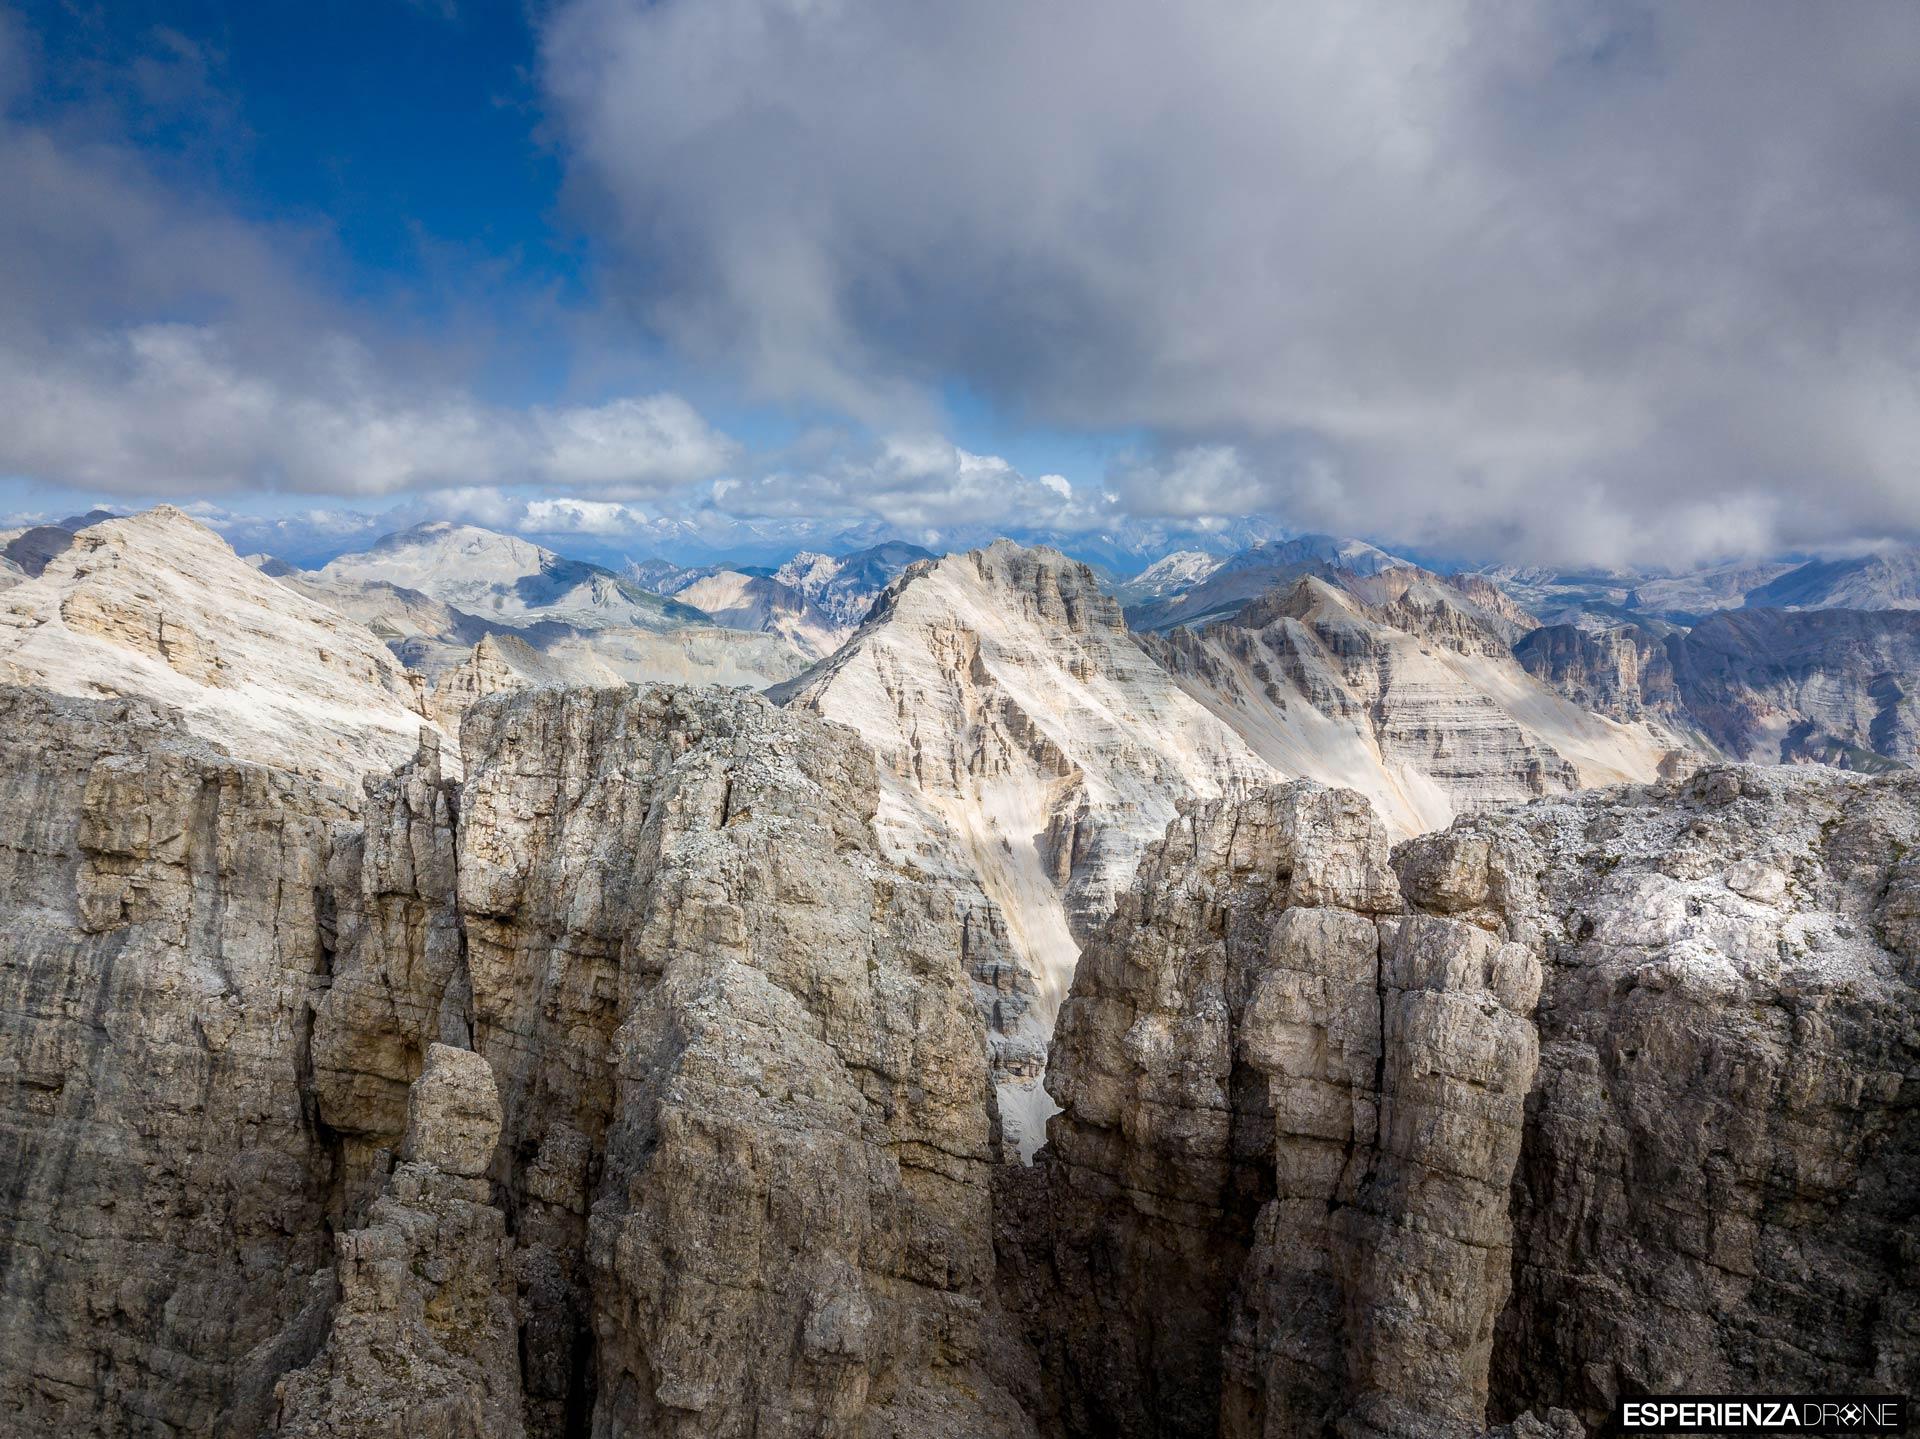 esperienza drone immagine portfolio naturalistica turismo promozione territorio italia cortina ampezzo punta_fanes_sud.jpg